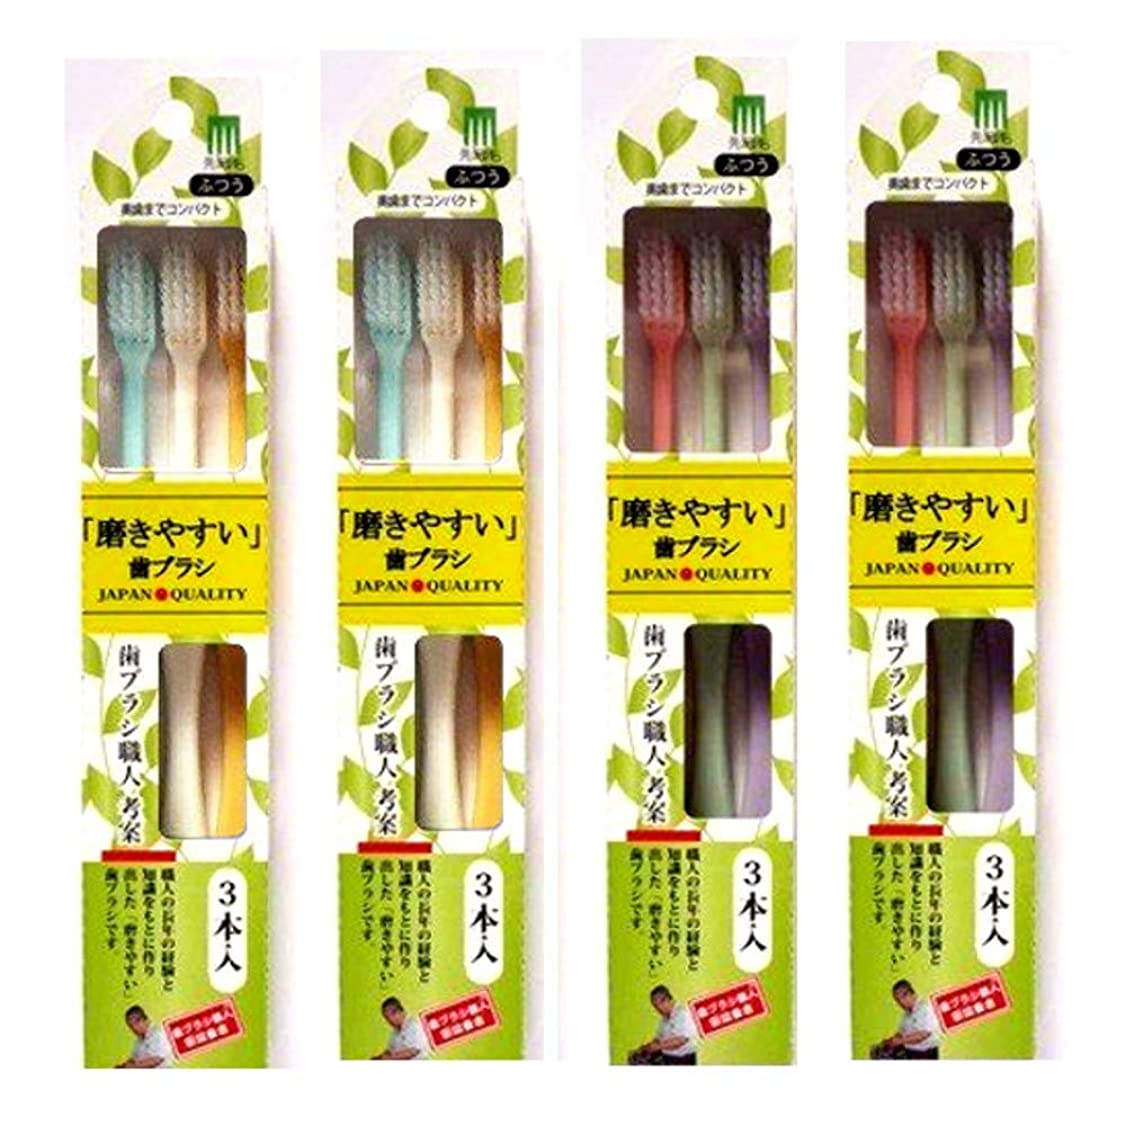 テンション上院個人的な磨きやすい歯ブラシ (先細毛) 奥までコンパクト ELT-1 (3本組×4個セット)